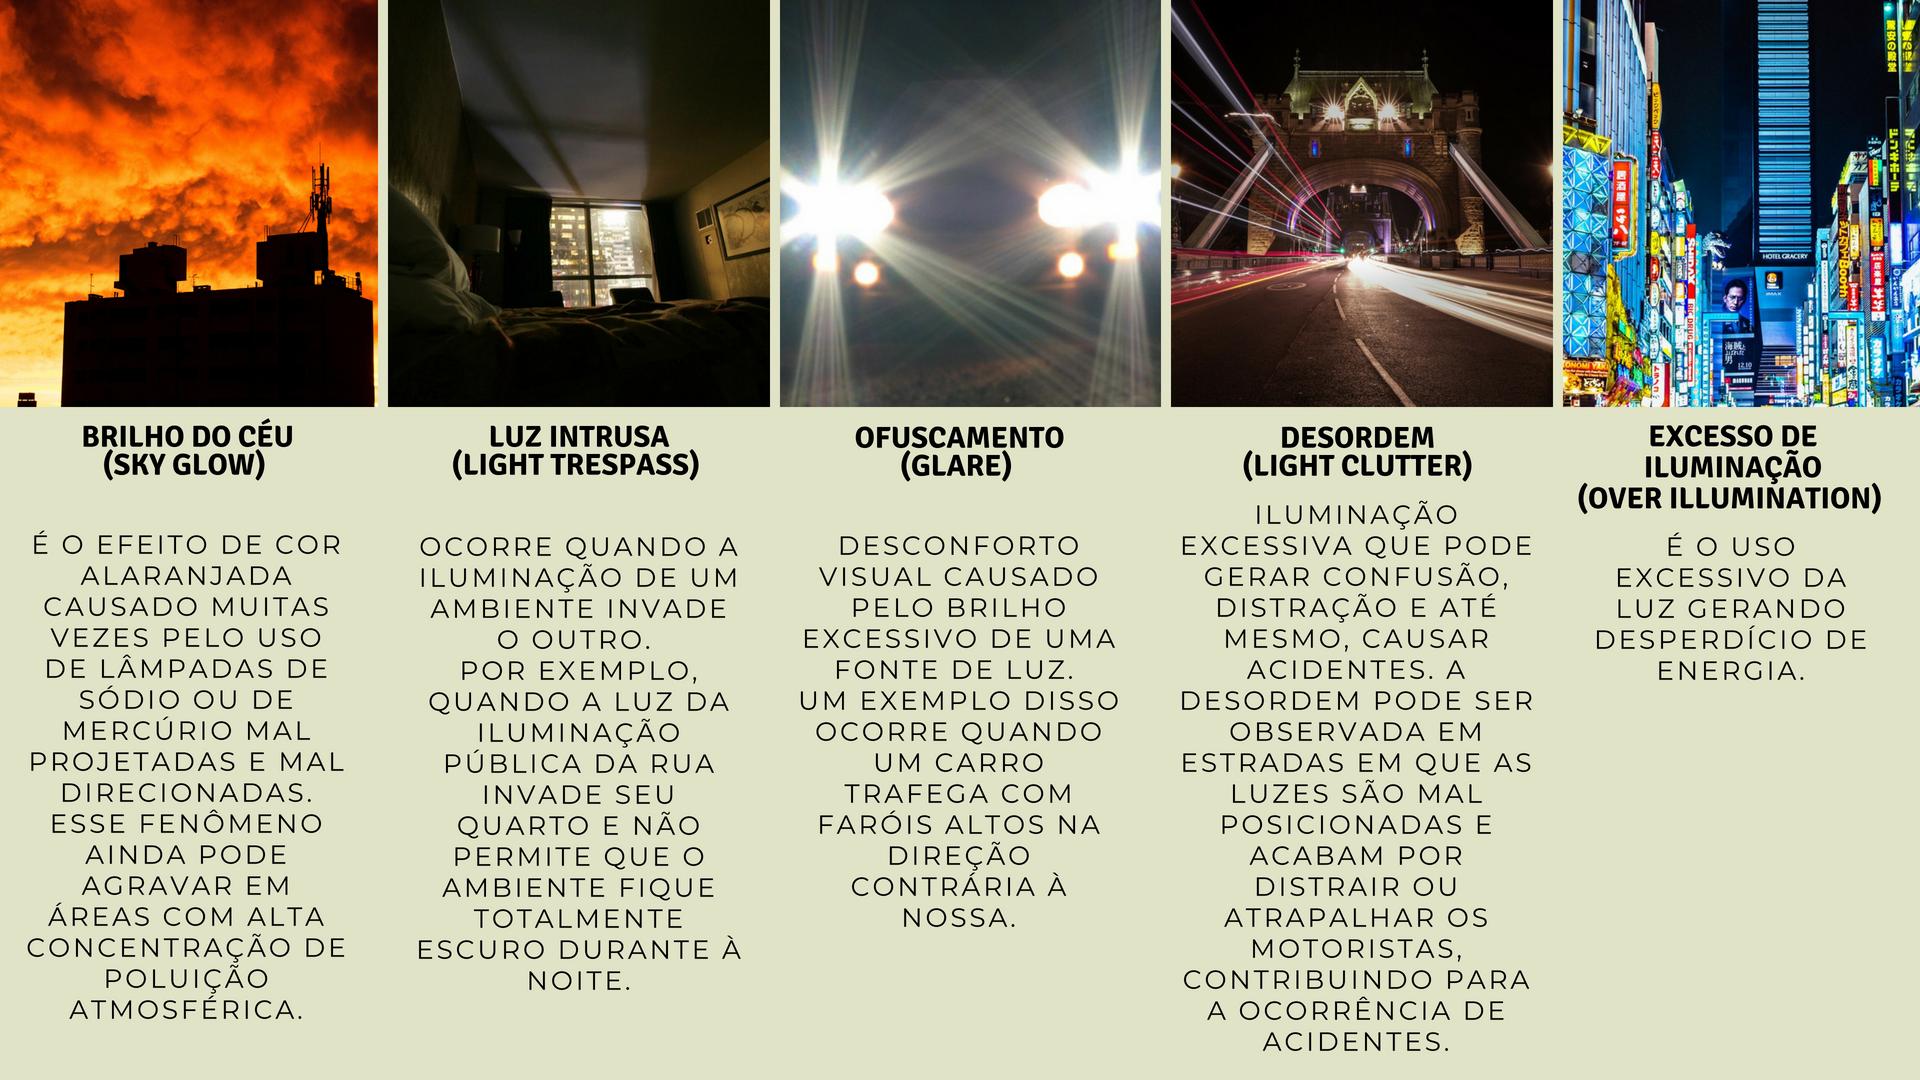 Tipos de poluição luminosa